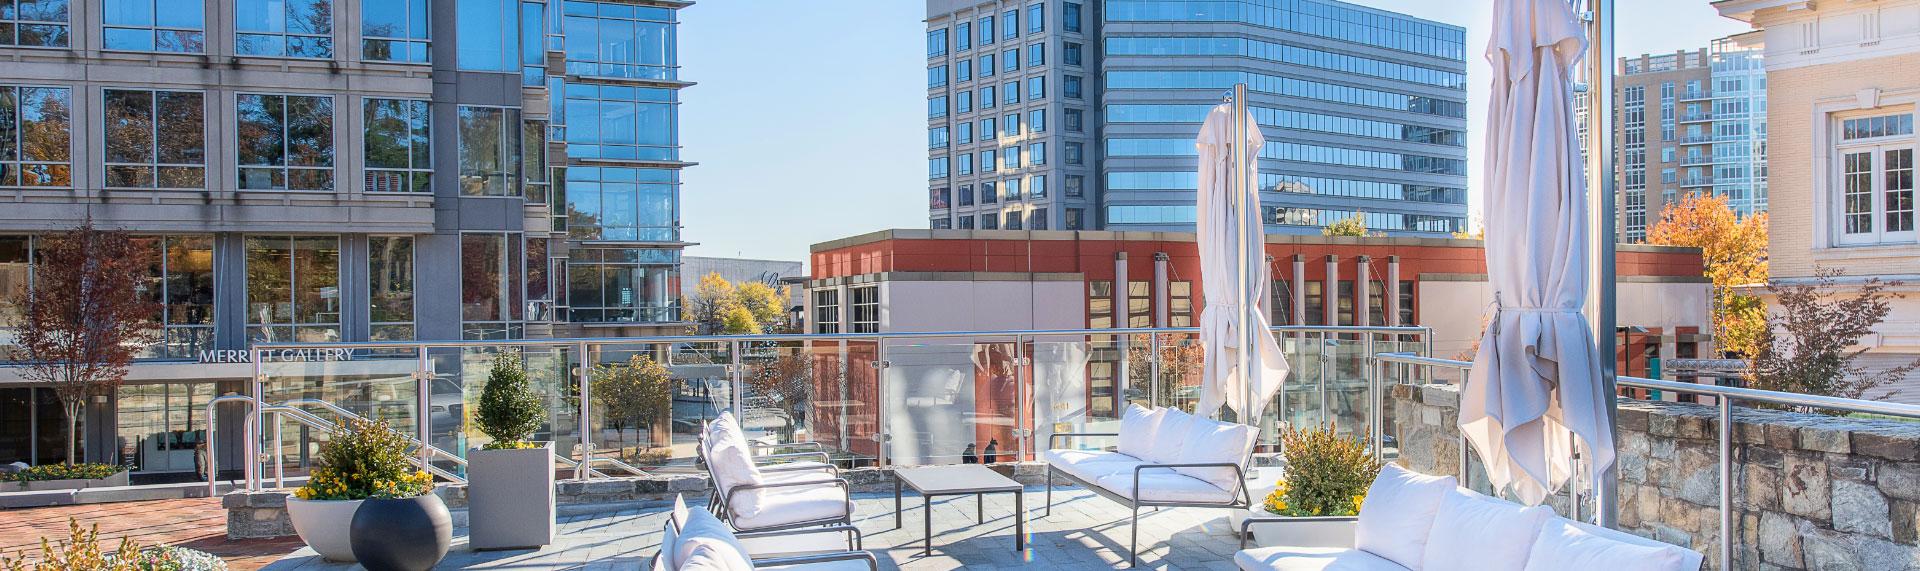 Outdoor seating overlooking the Merritt Gallery